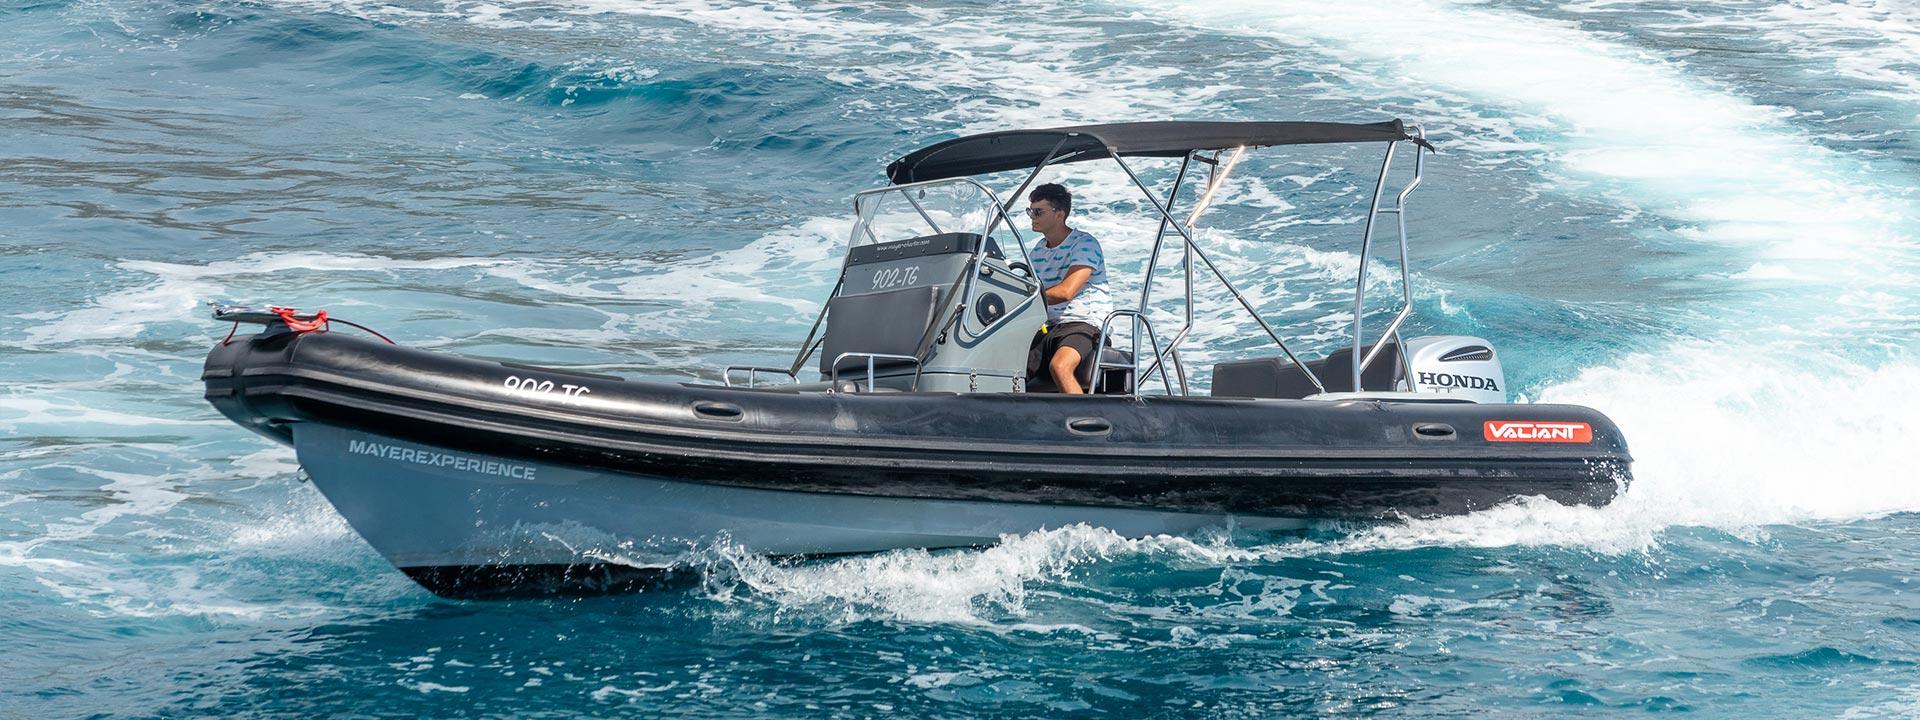 mayer-charter-boat-header-valiant-760-sport-02